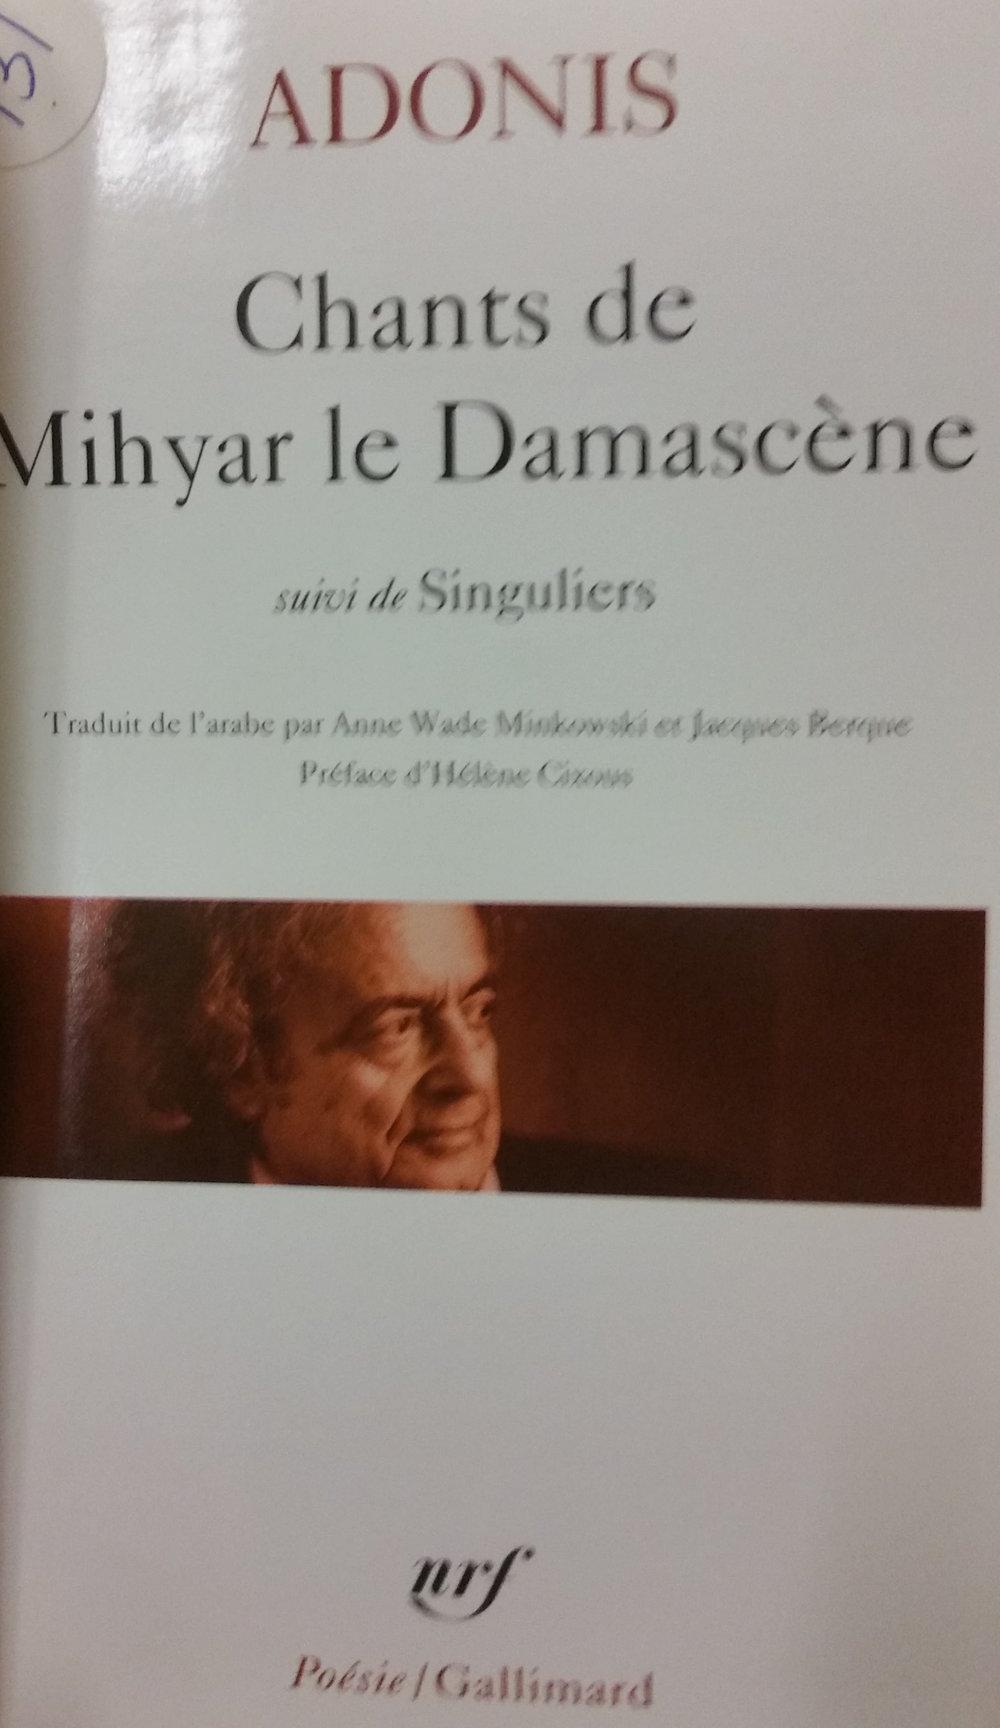 Adonis; traduit par Anne Wade Minkowski [et] Jacques Berque; préface d'Hélène Cixous (Paris: Gallimard, 2002).